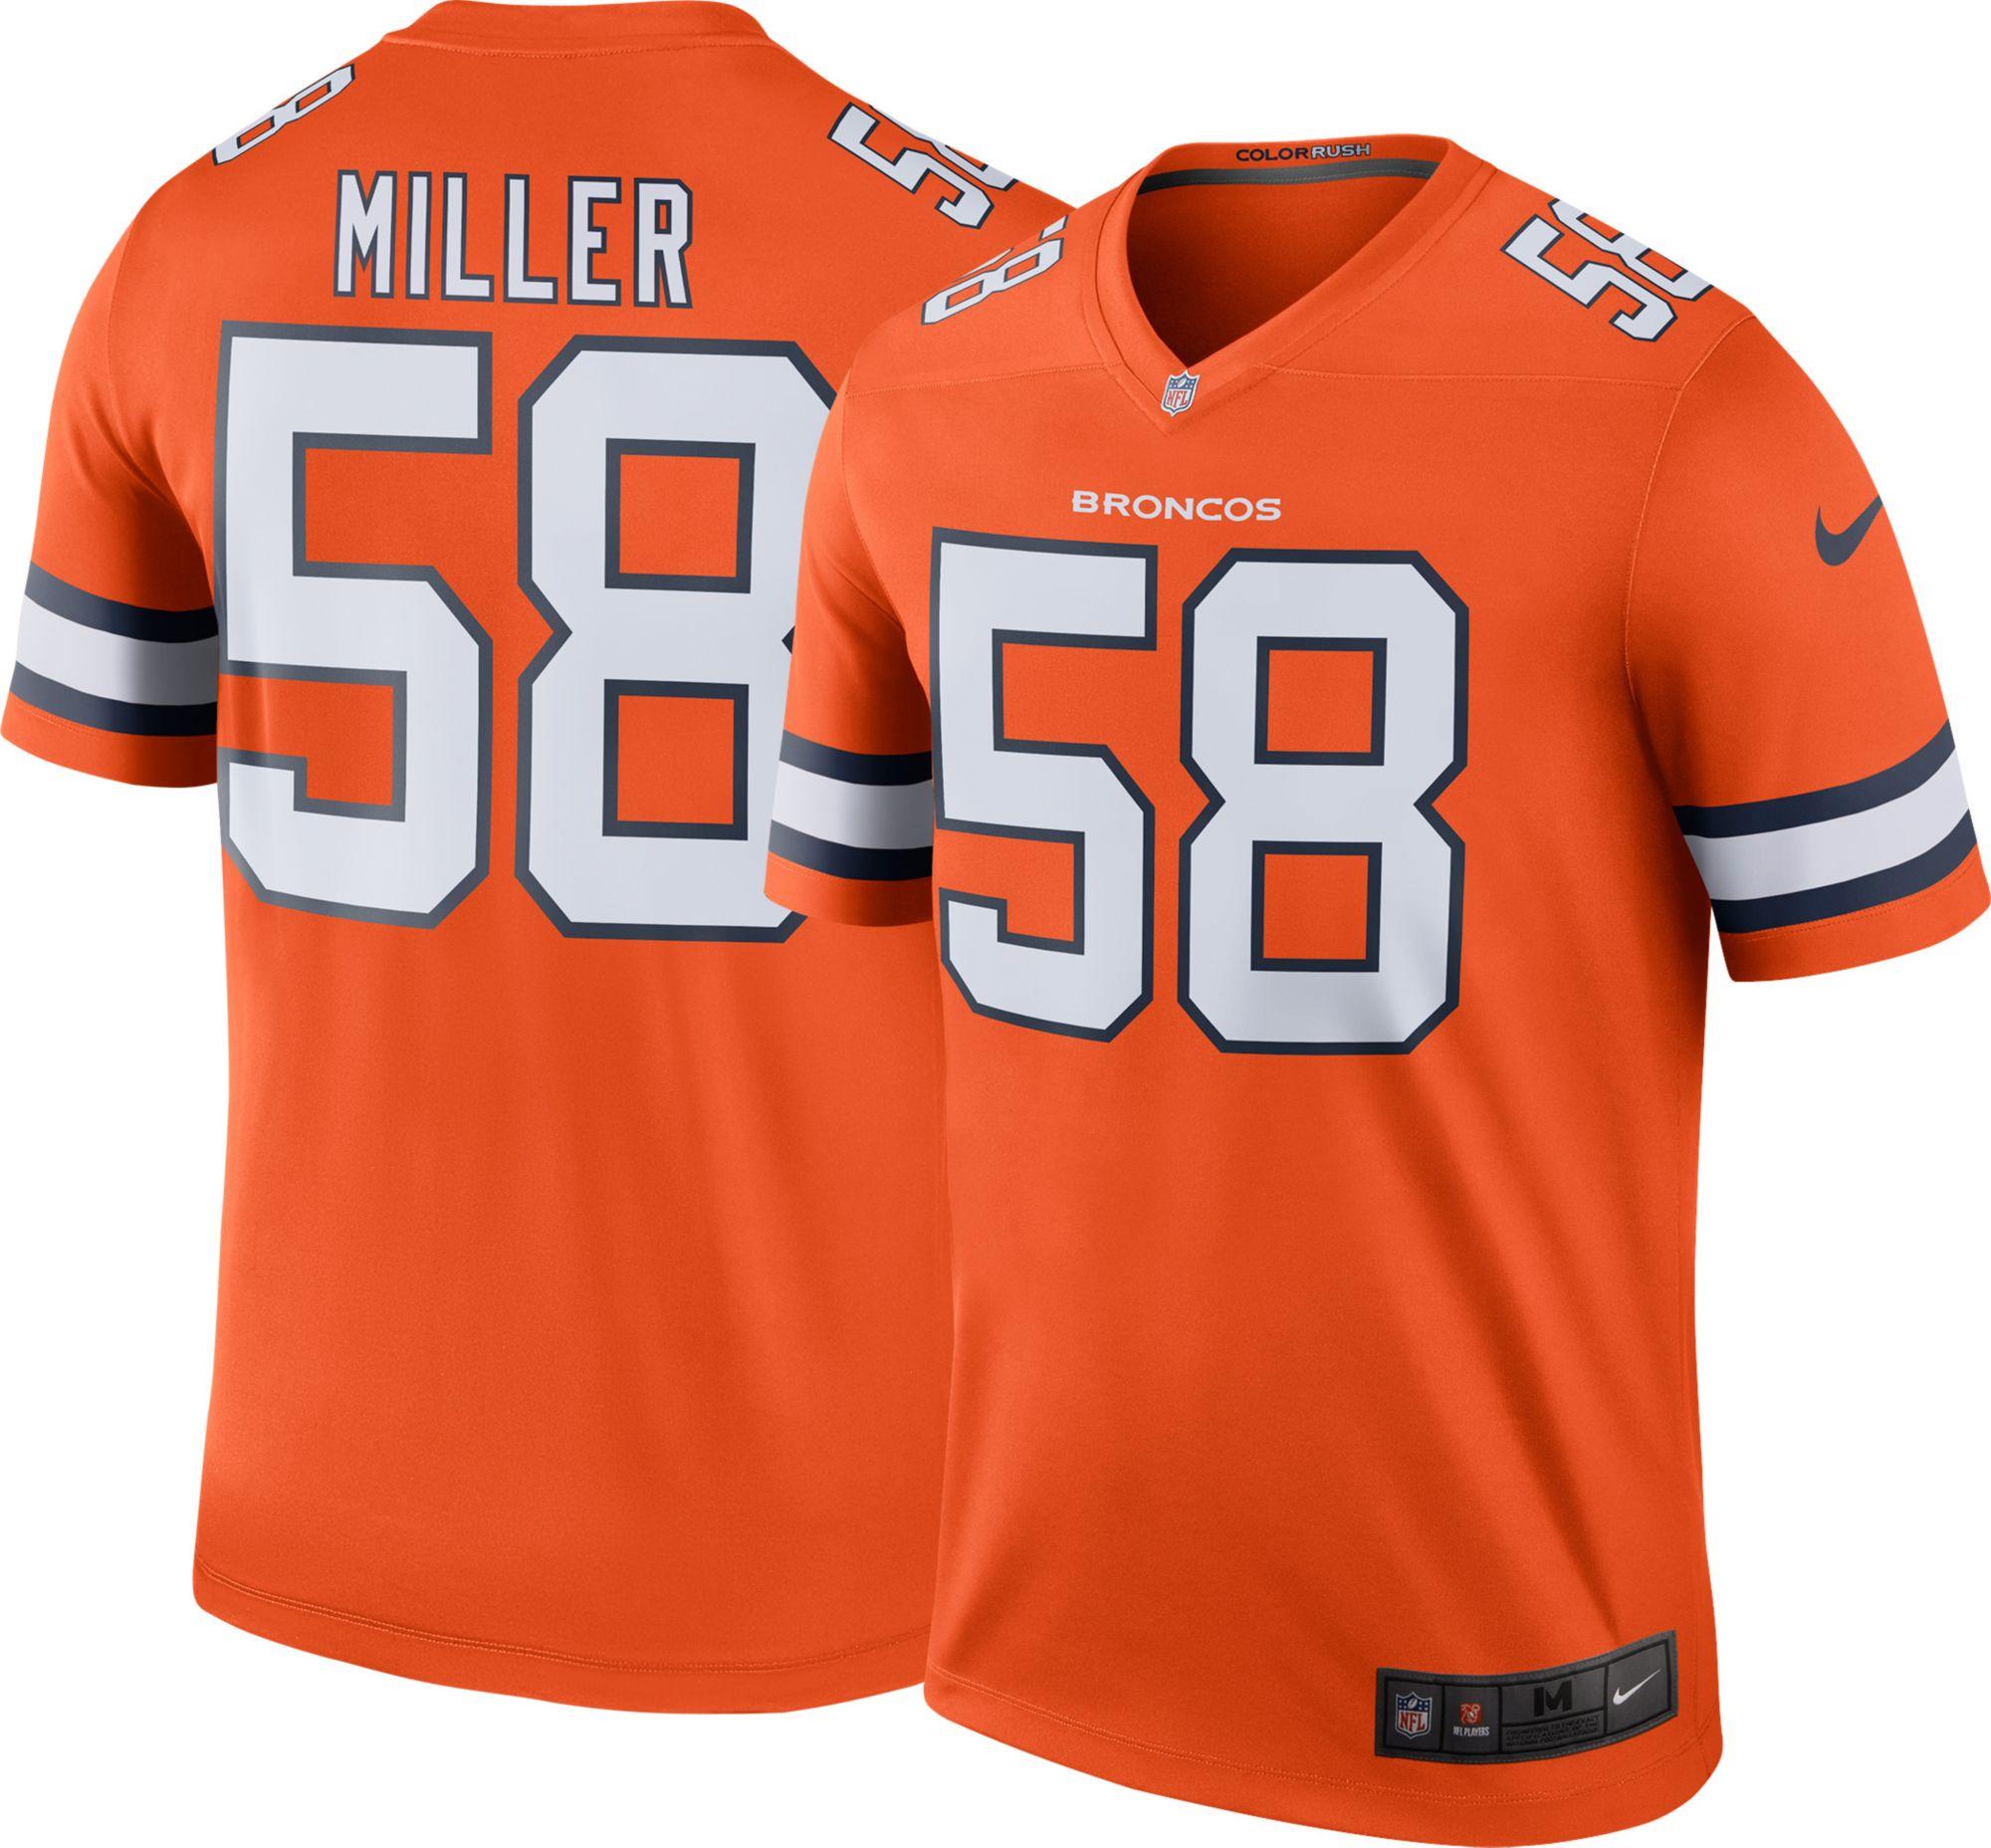 2016 Men's Denver Broncos 58 Miller Nike Elite orange Jersey